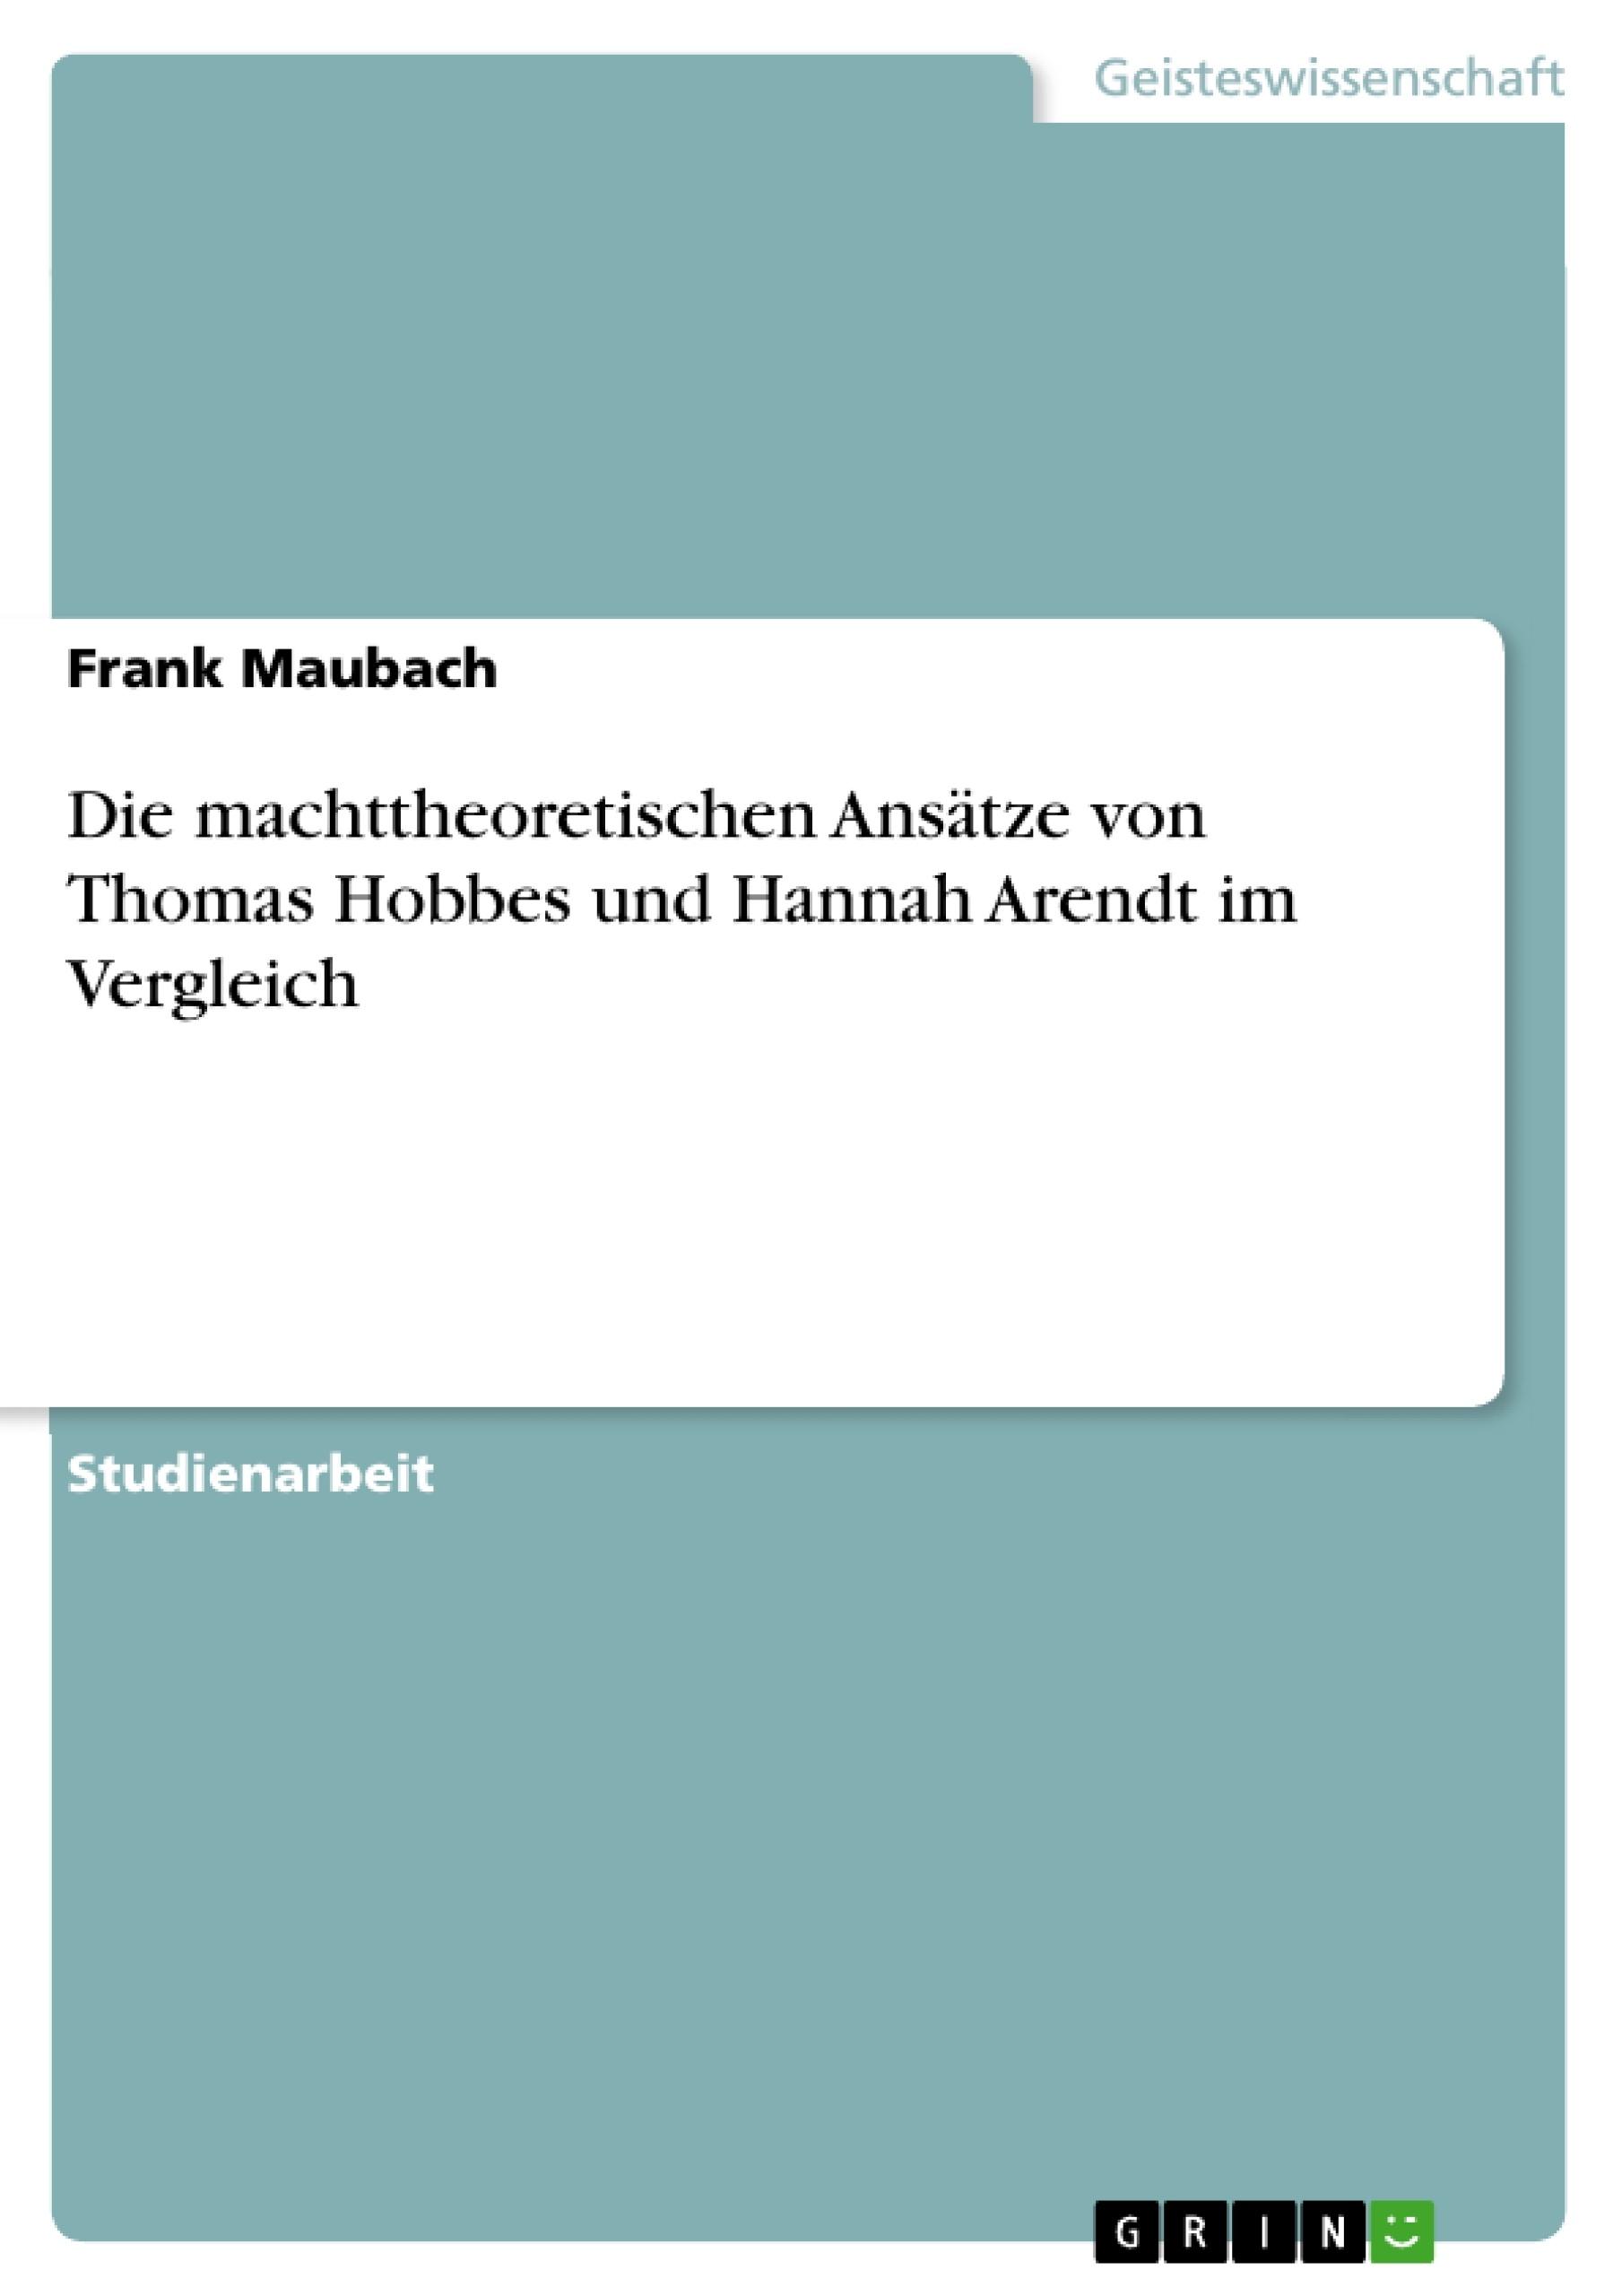 Titel: Die machttheoretischen Ansätze von Thomas Hobbes und Hannah Arendt im Vergleich